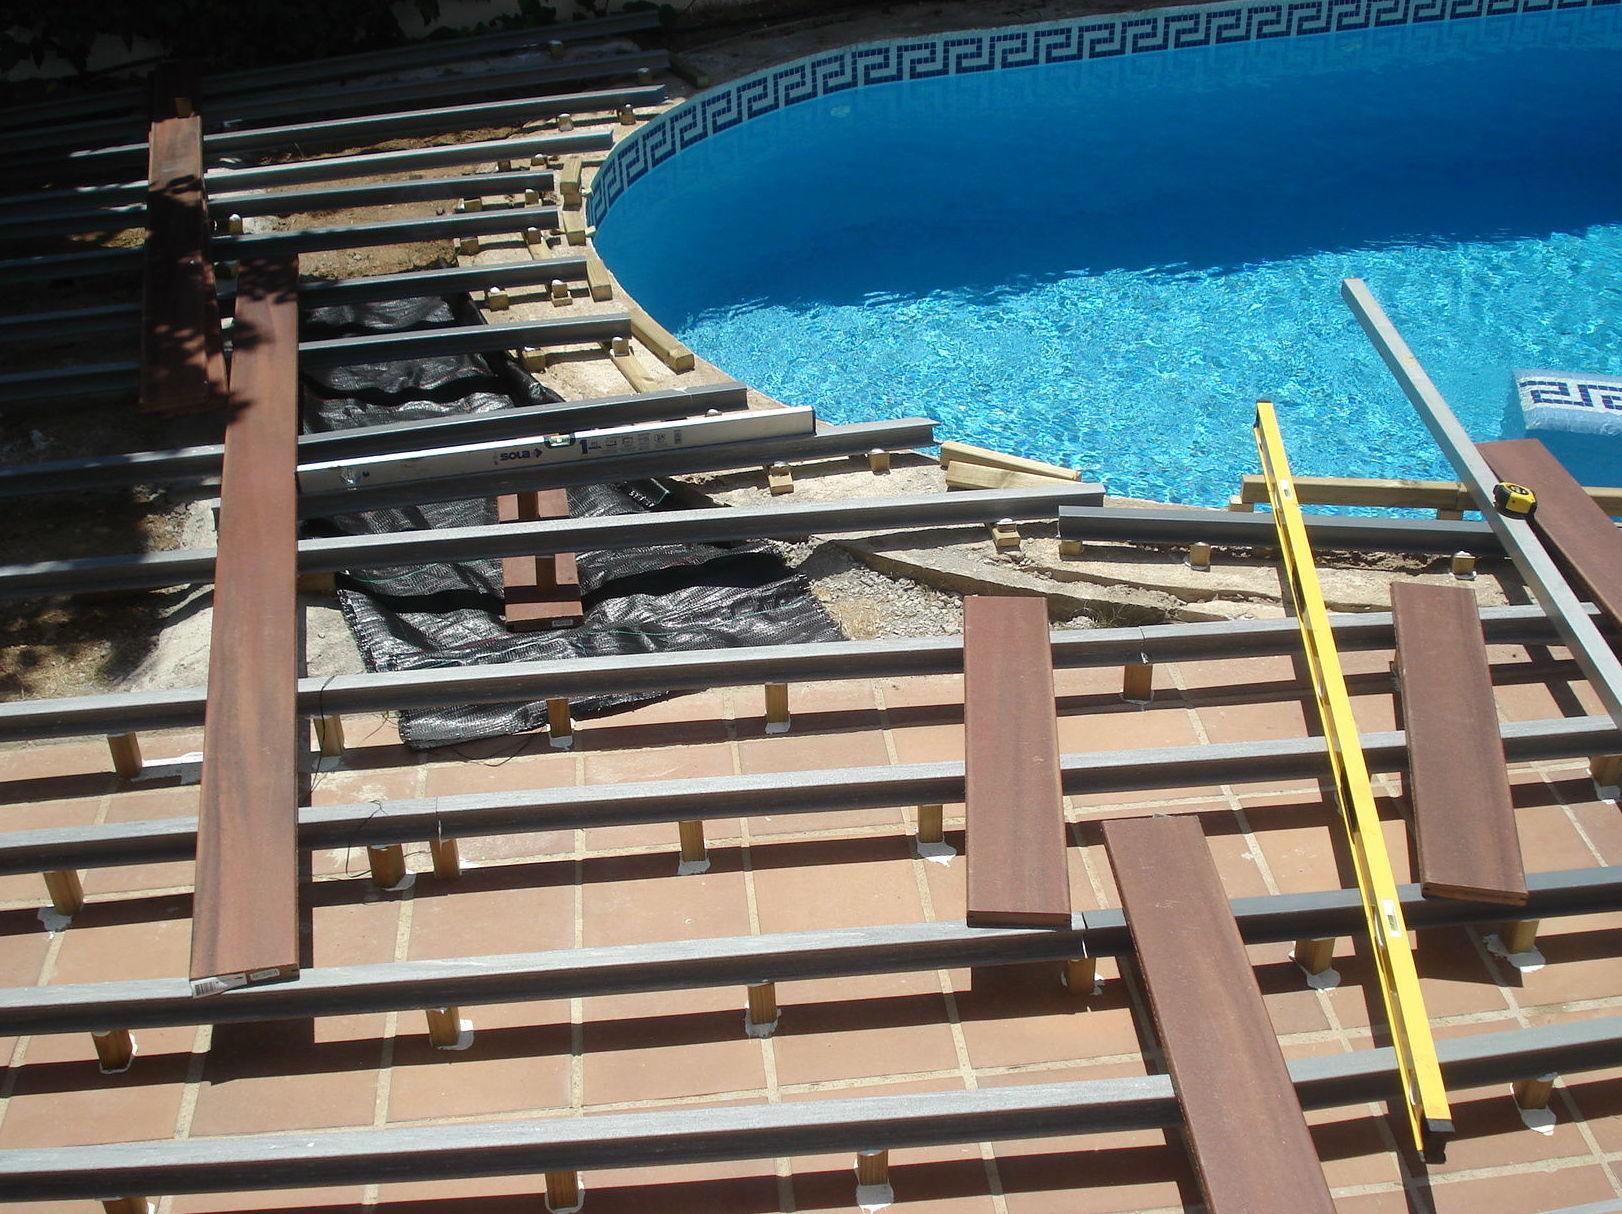 Tarima de exteriores para piscinas 8 - Tarima para exteriores ...